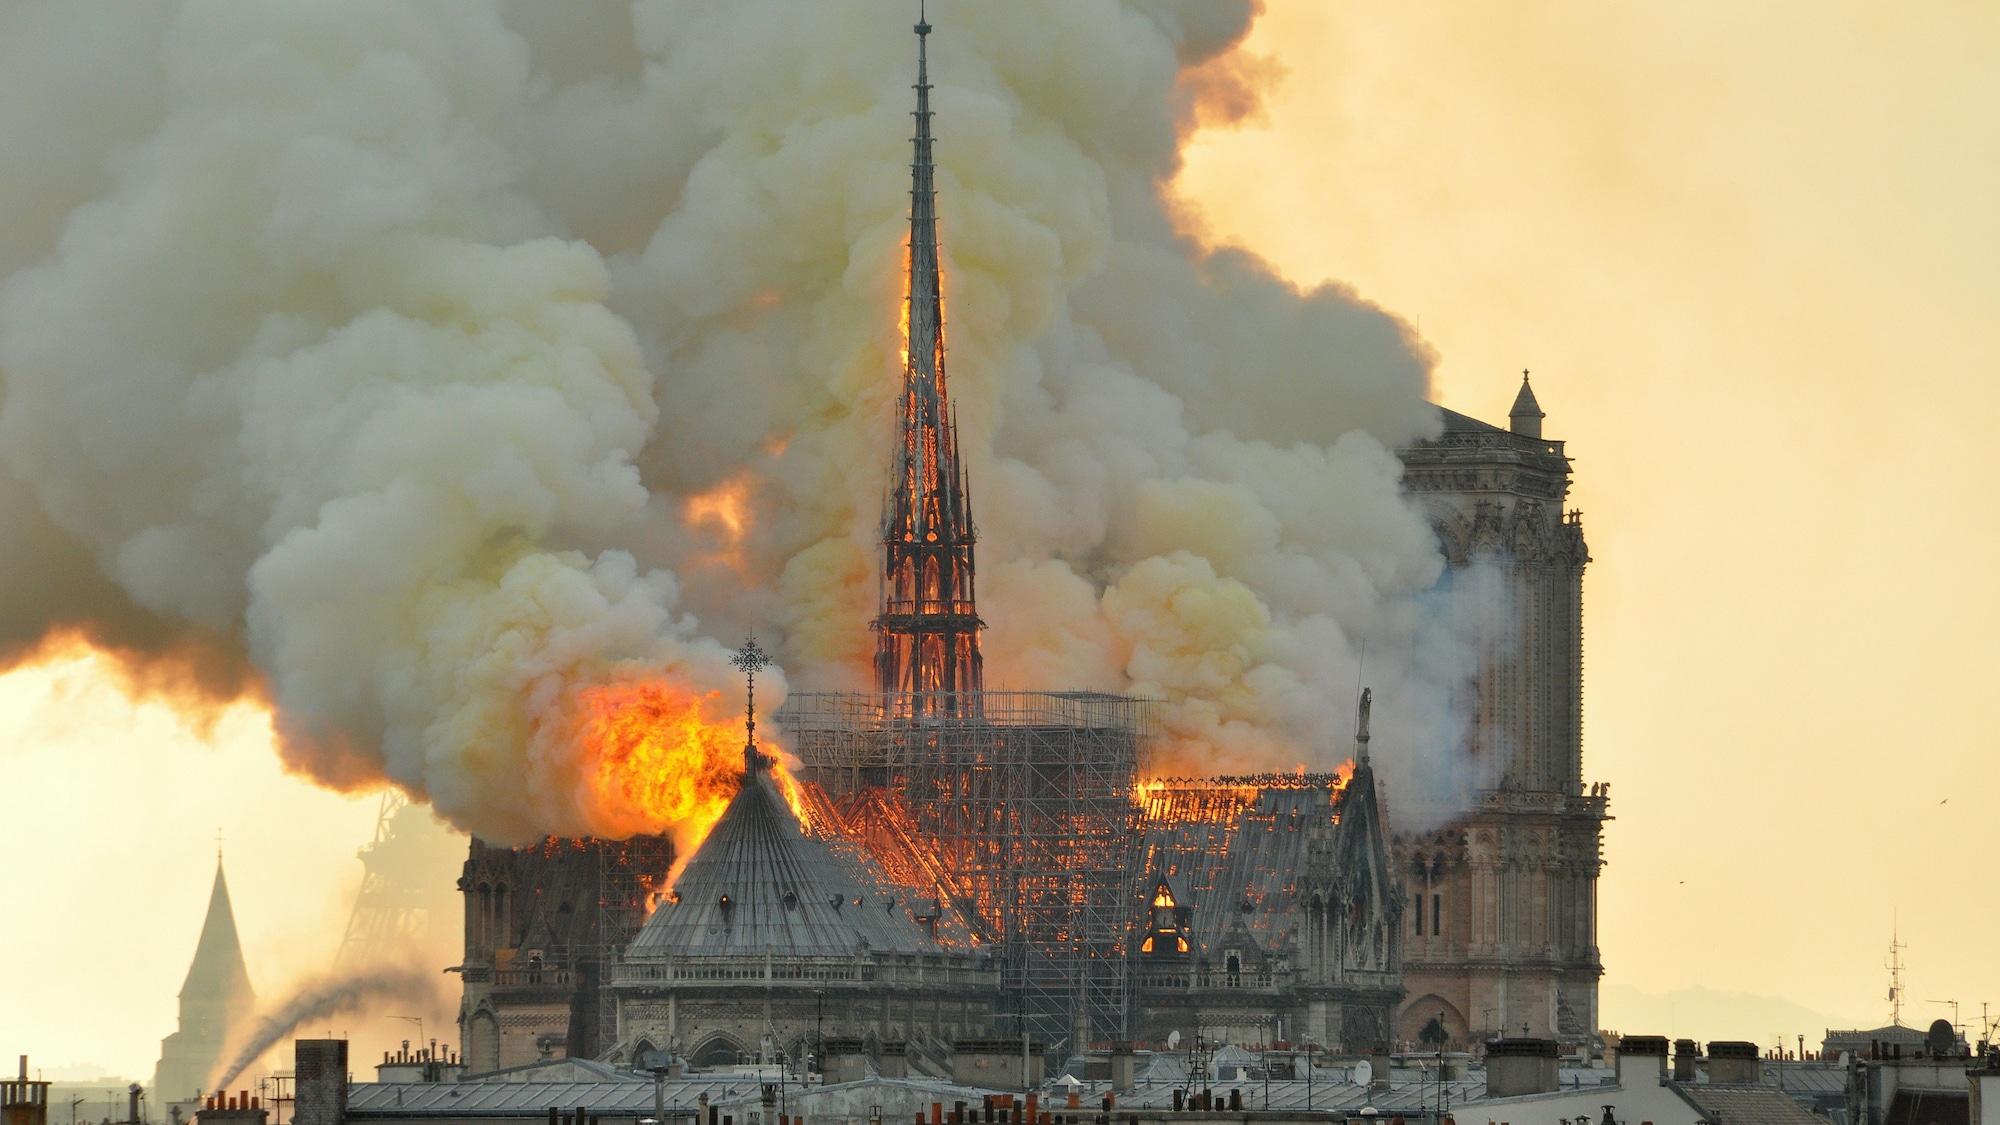 Rückblick auf die Tragödie: Das war der Brand der Notre Dame